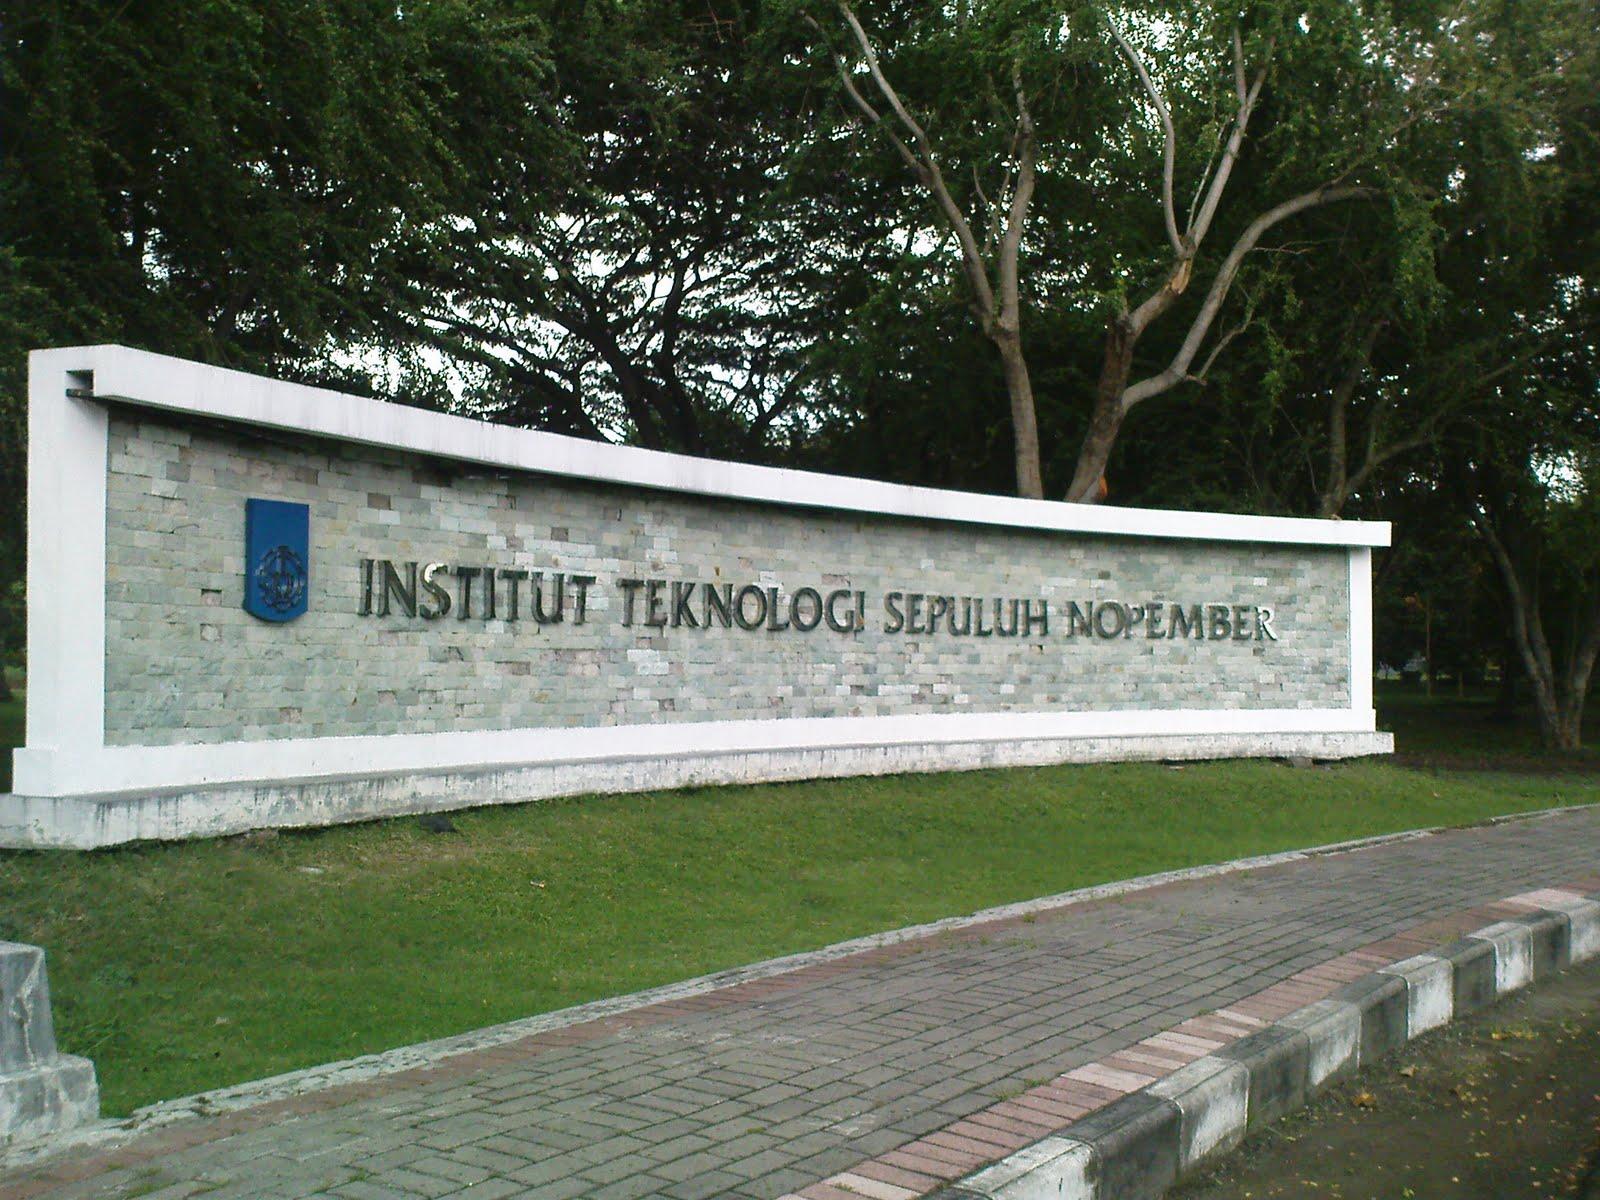 Biaya Kuliah Institut Teknologi Sepuluh Novermber (ITS) 2017-2018